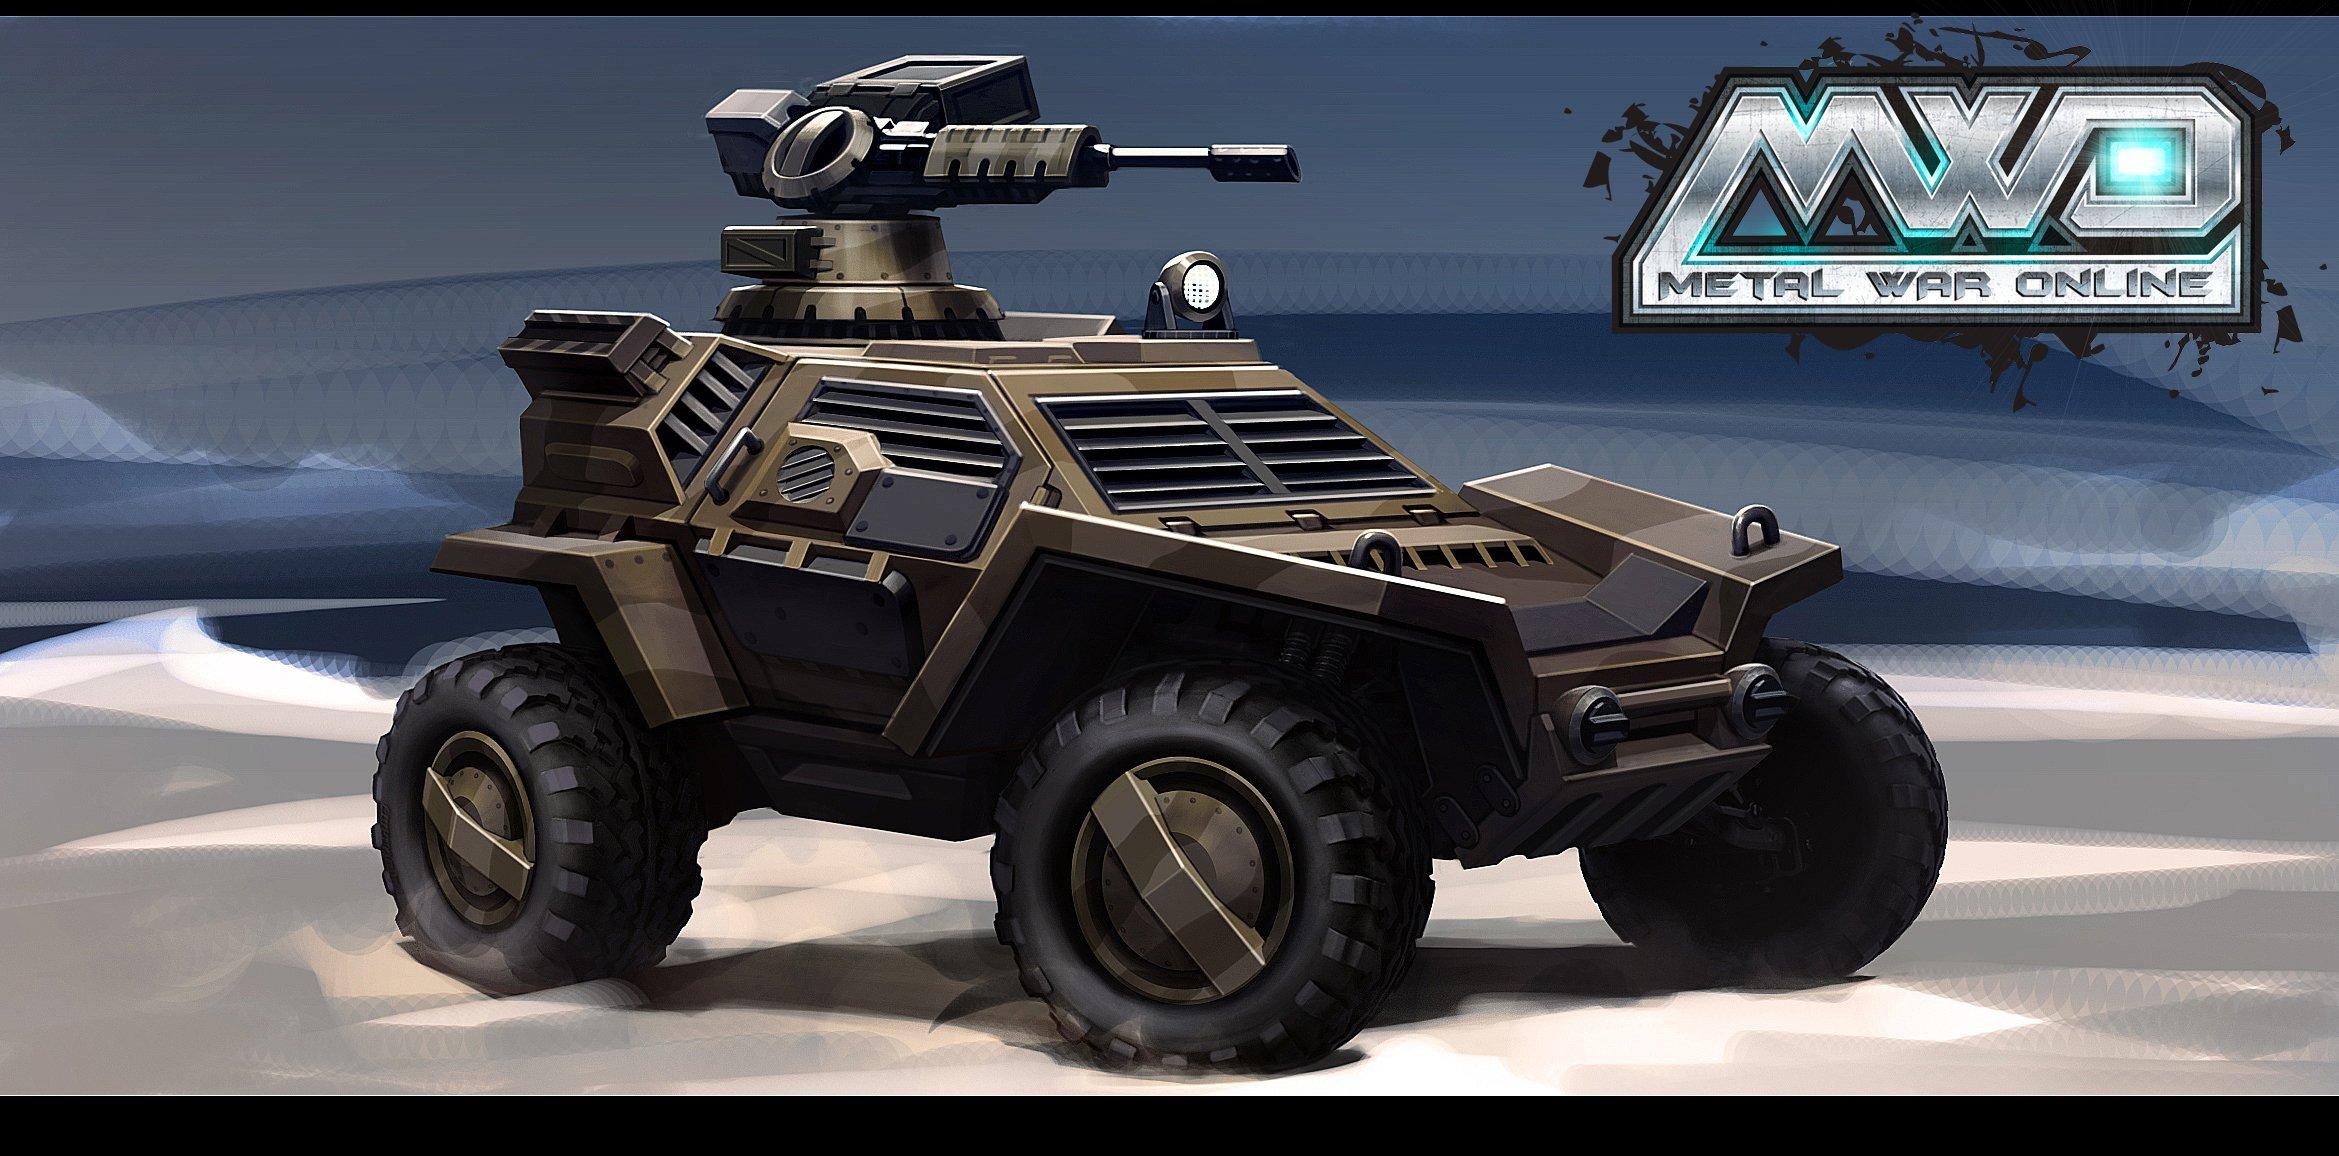 Для достижения успеха в боевых действиях «Morgan Industries» оснастила «Black Sun Security» по последнему слову техн ... - Изображение 1